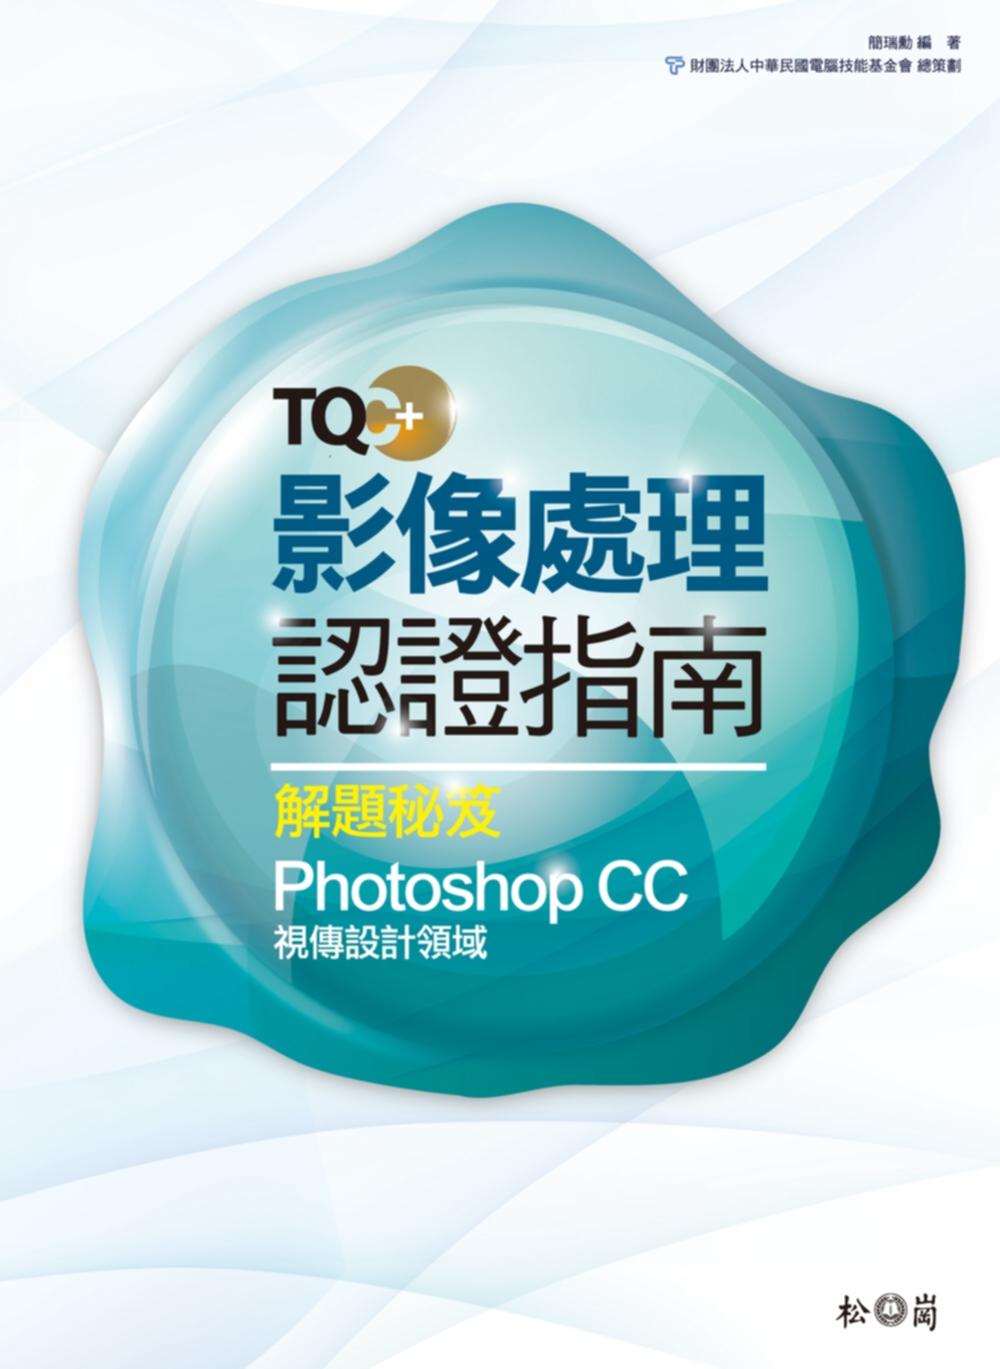 TQC+ 影像處理認證指南解題秘笈:Photoshop CC